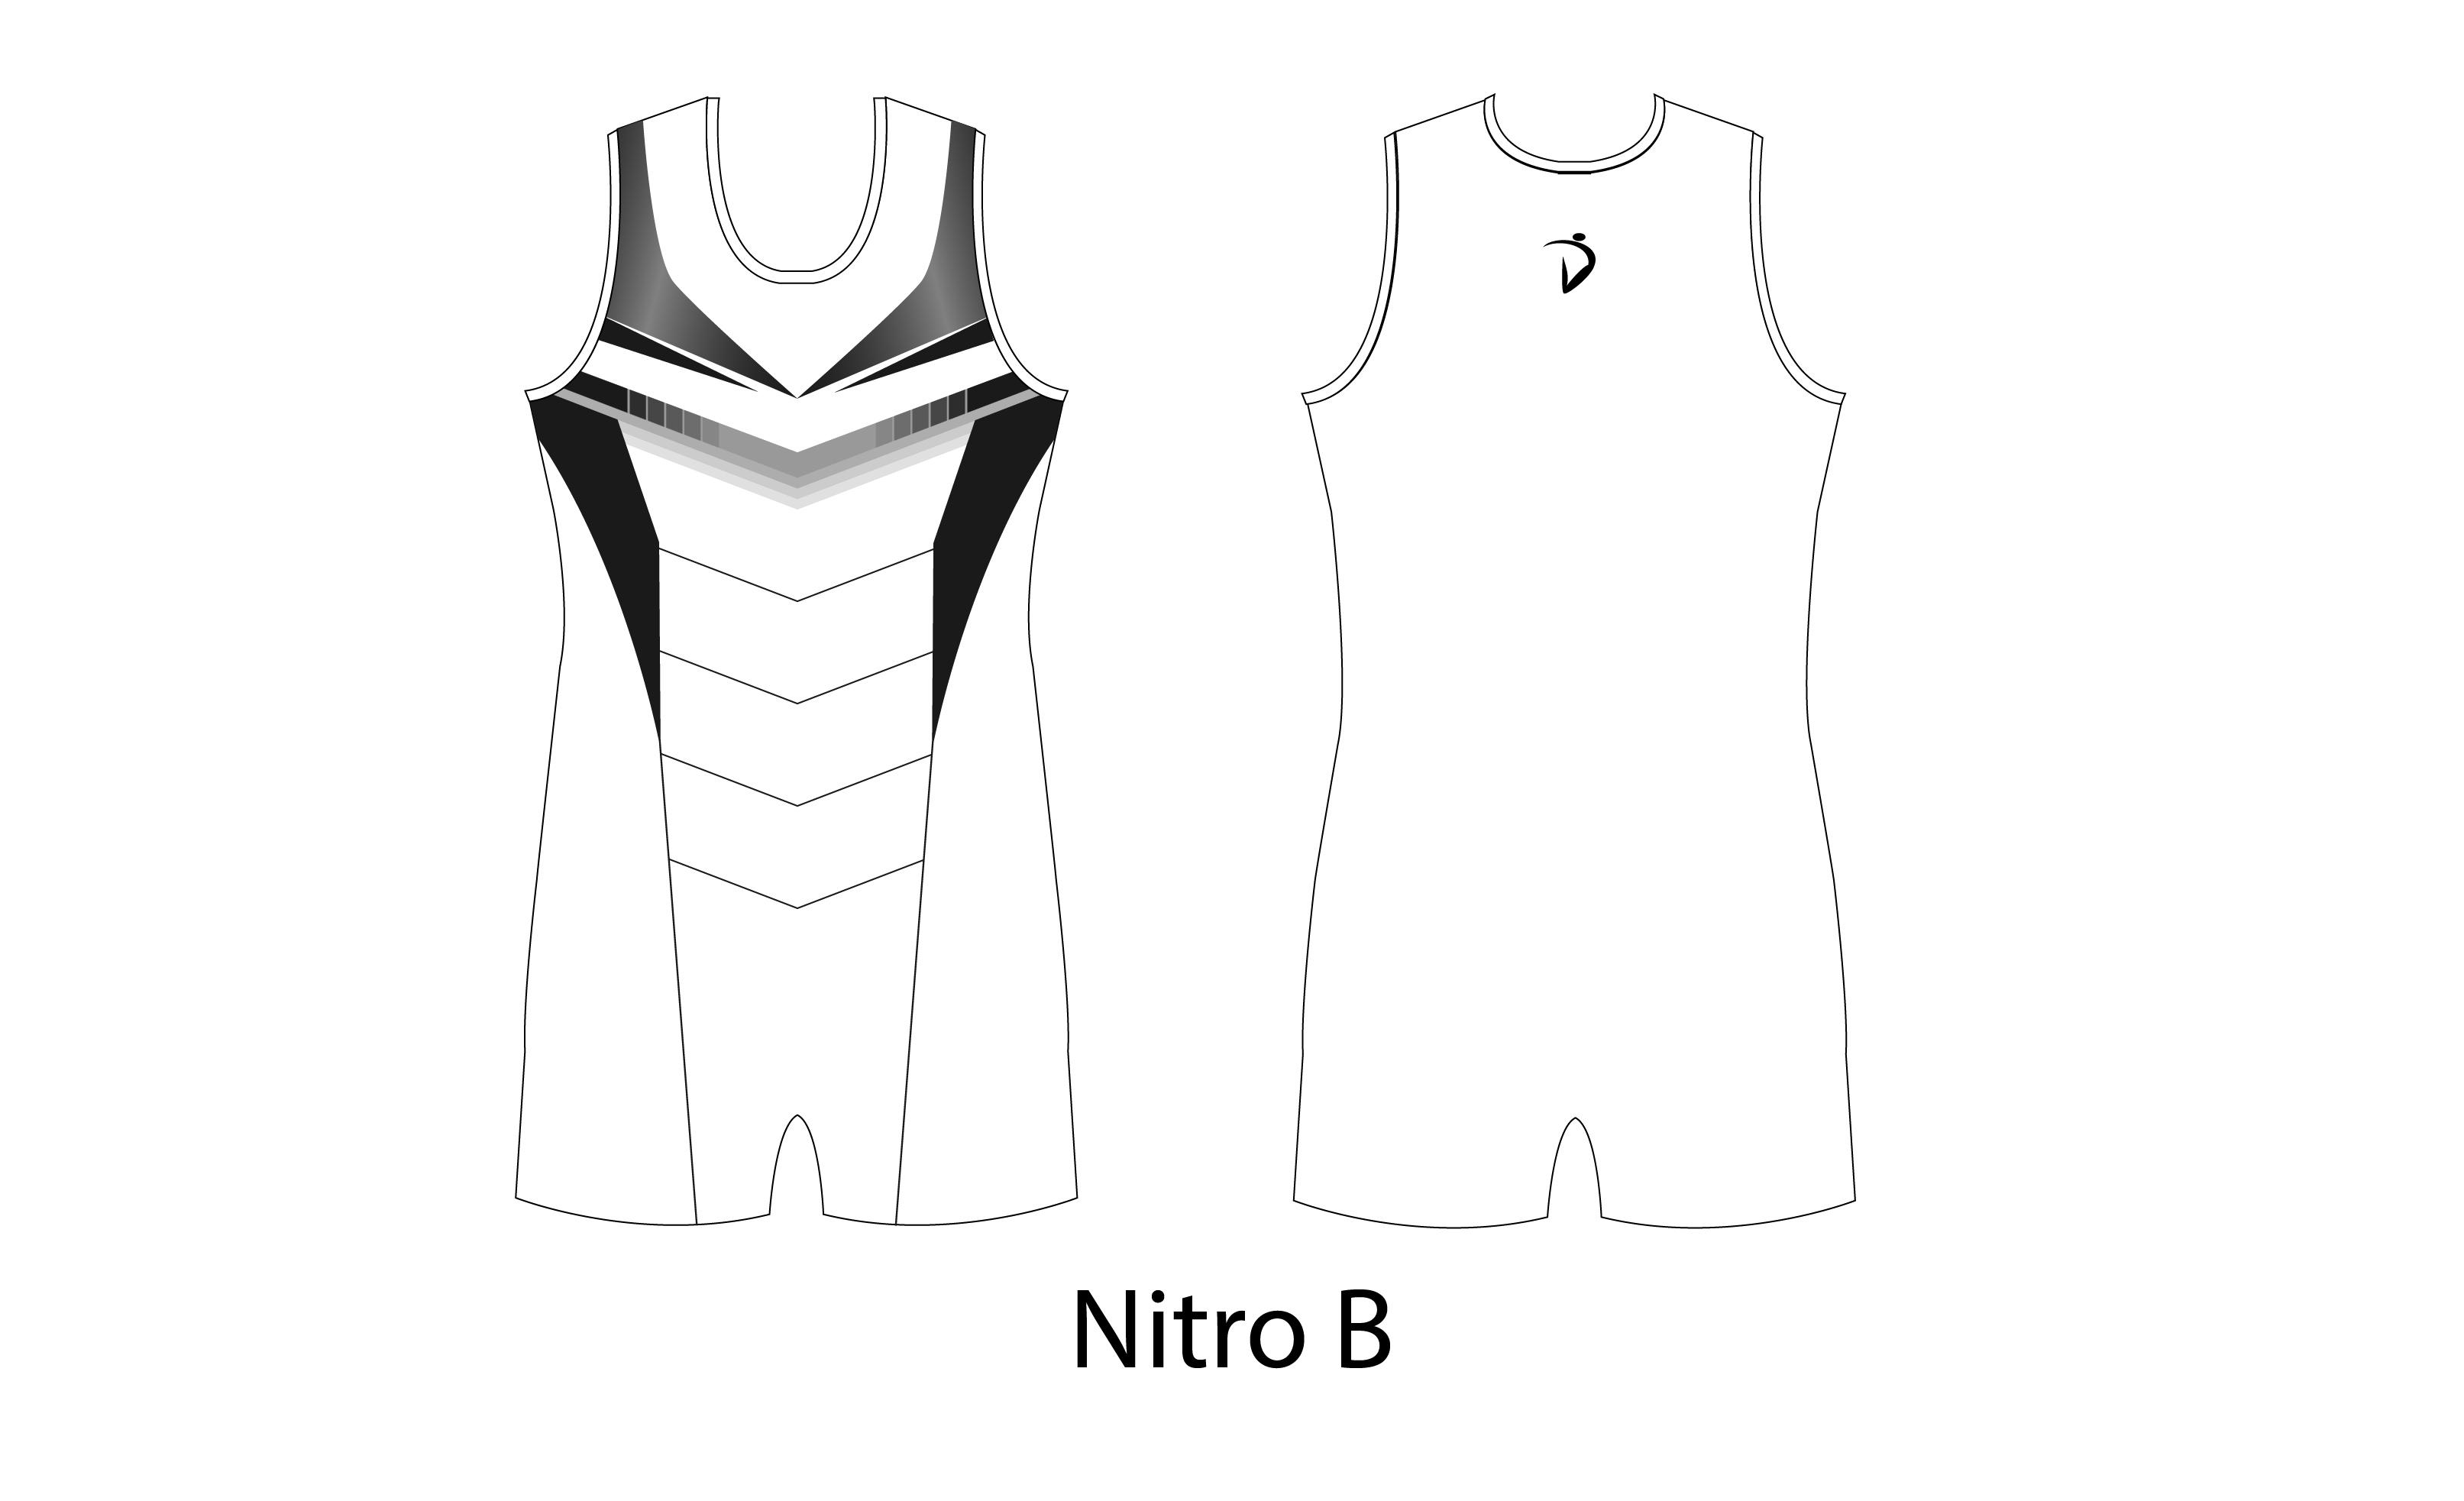 Nitro B